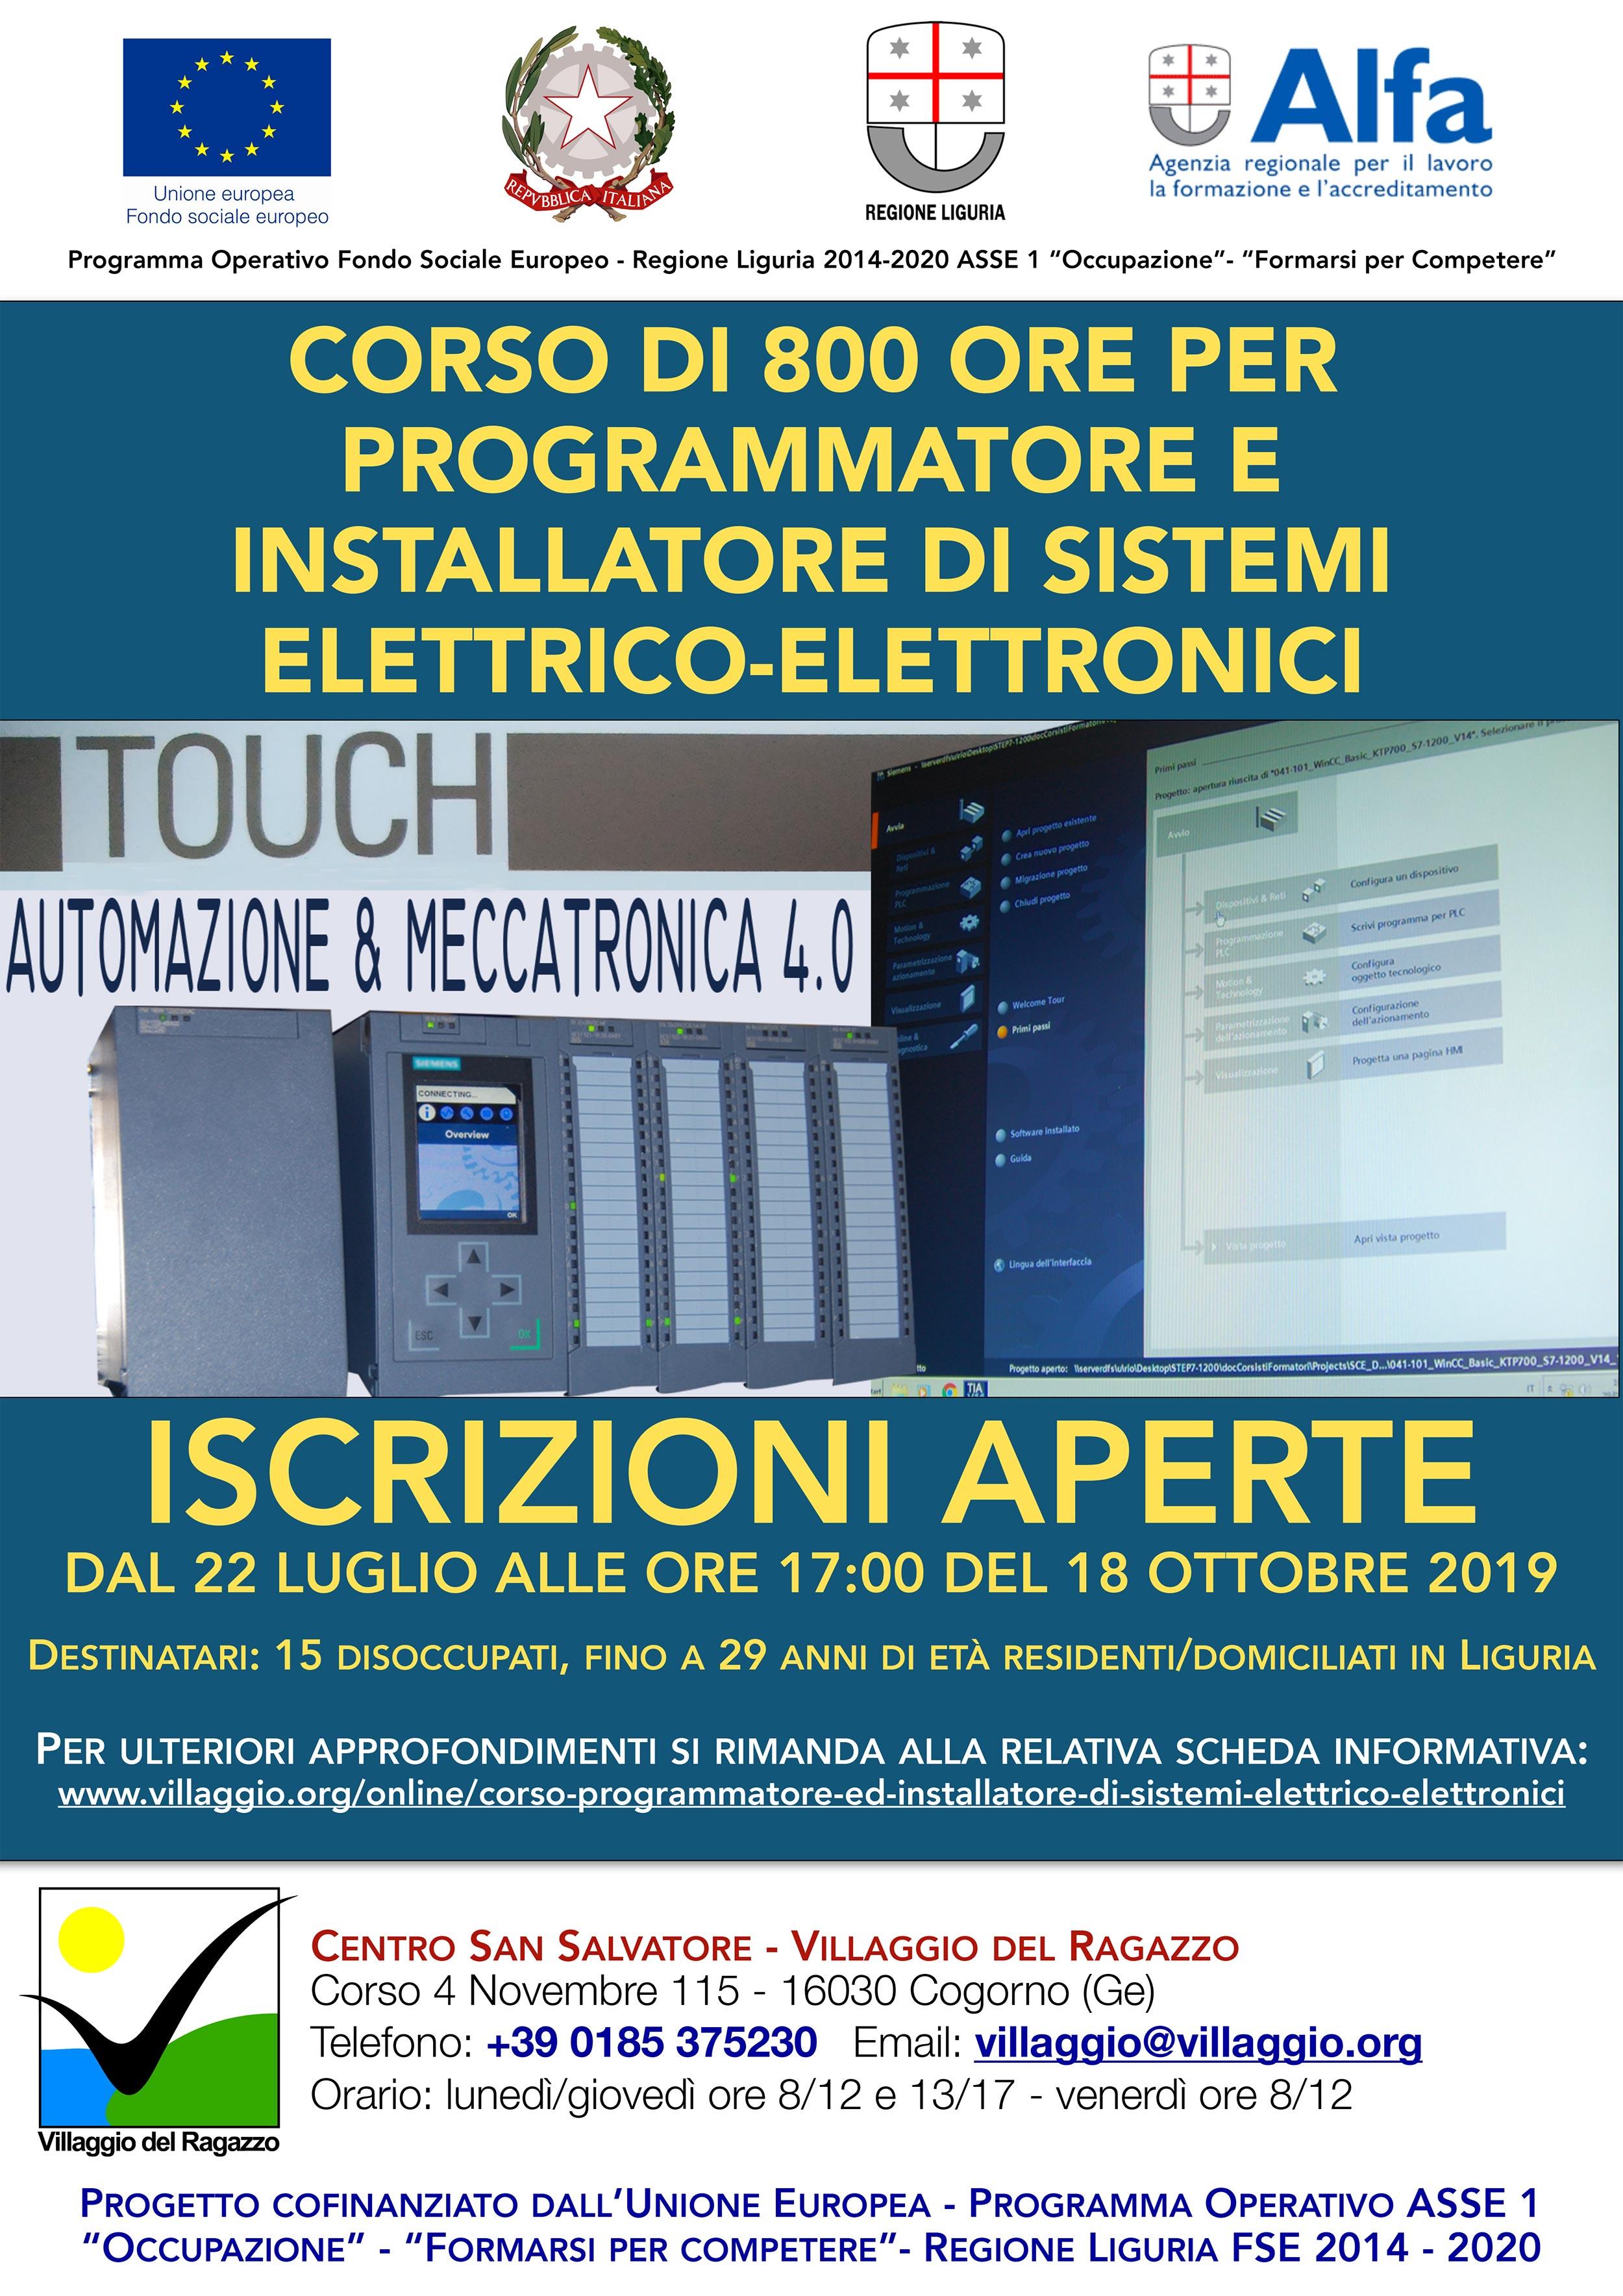 Villaggio del Ragazzo - Locandina proroga Iscrizioni Corso Programmatore e installatore di Sistemi Elettrico Elettronici